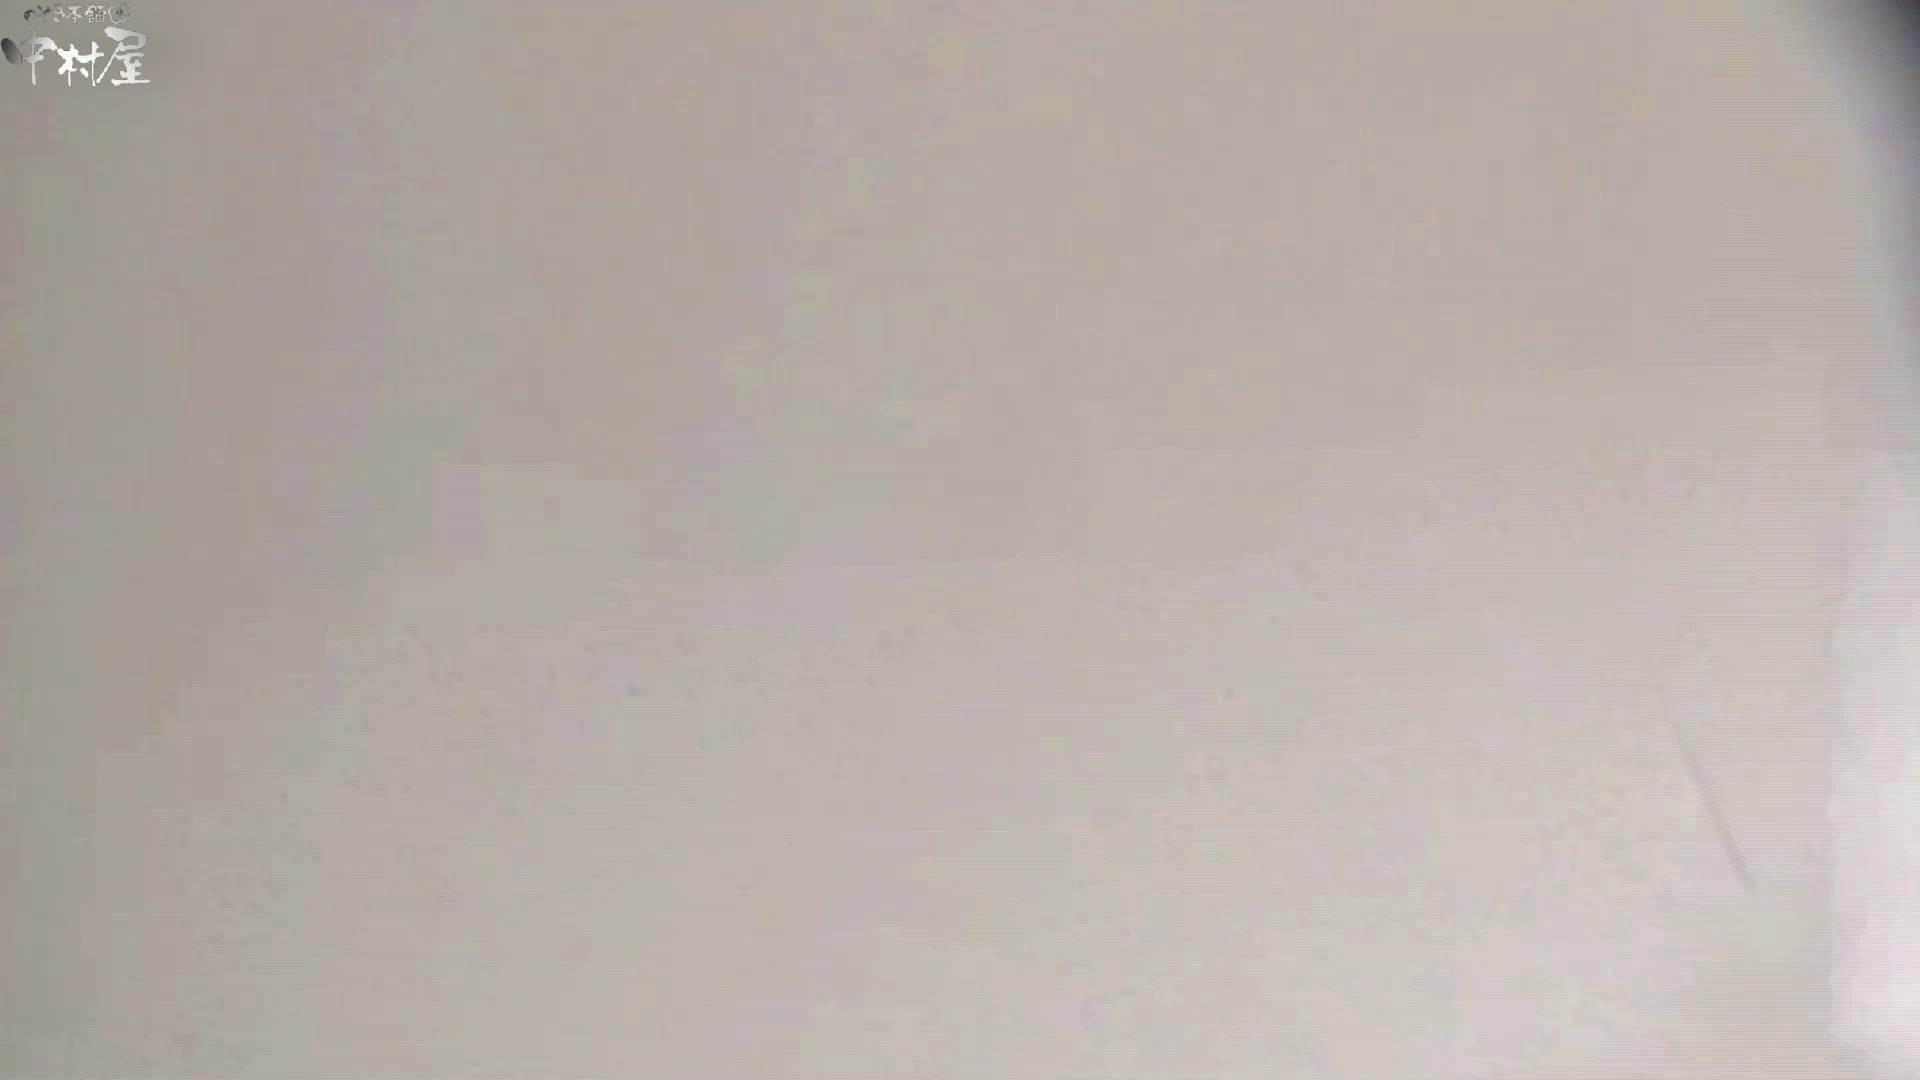 お市さんの「お尻丸出しジャンボリー」No.13 マンコエロすぎ 盗み撮り動画 97PIX 47